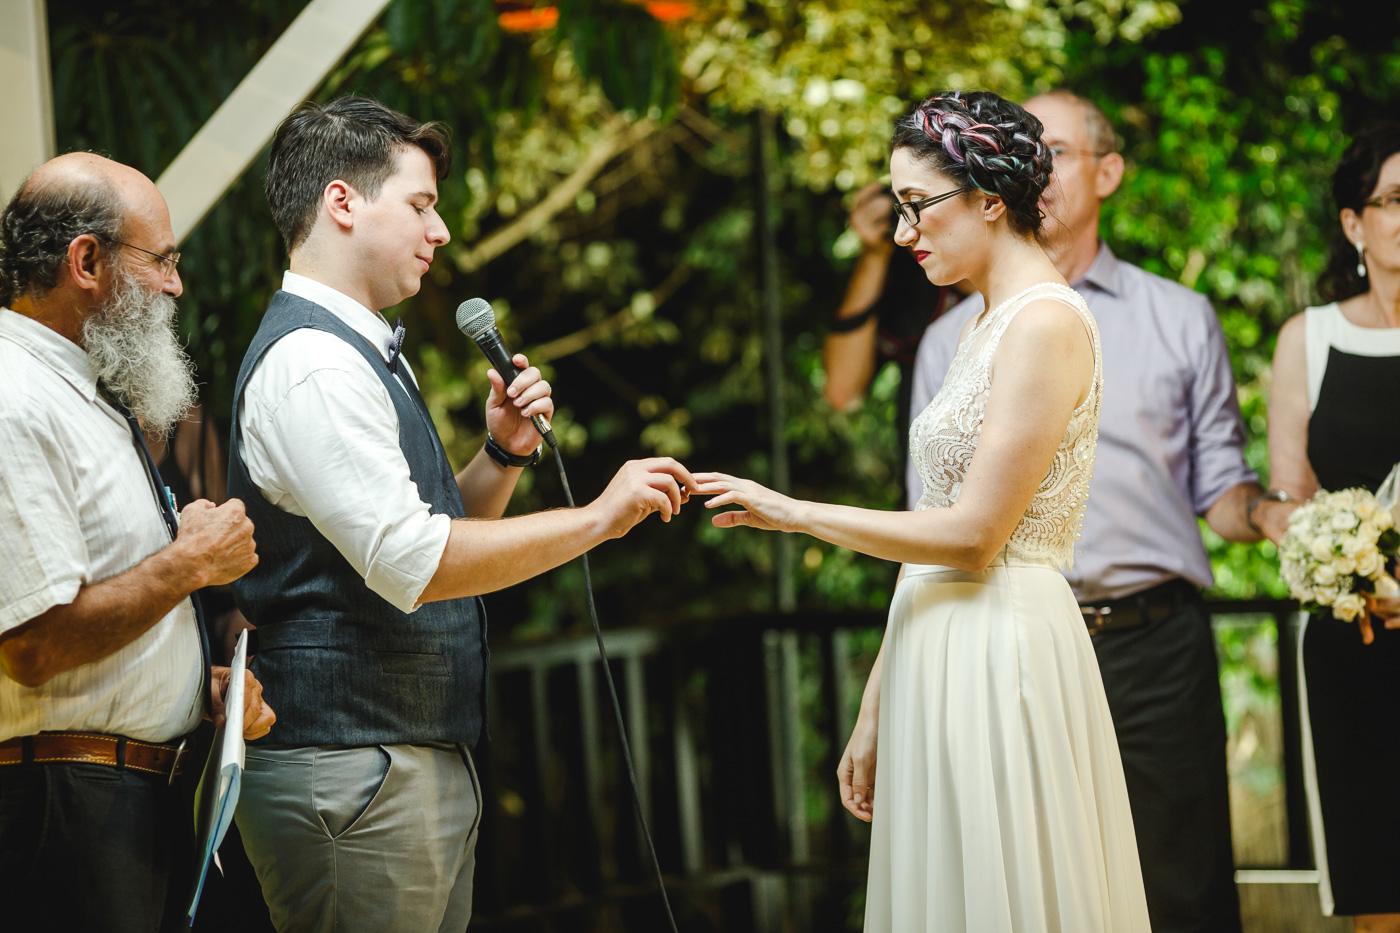 Leore & Yiftach wedding_0560.jpg